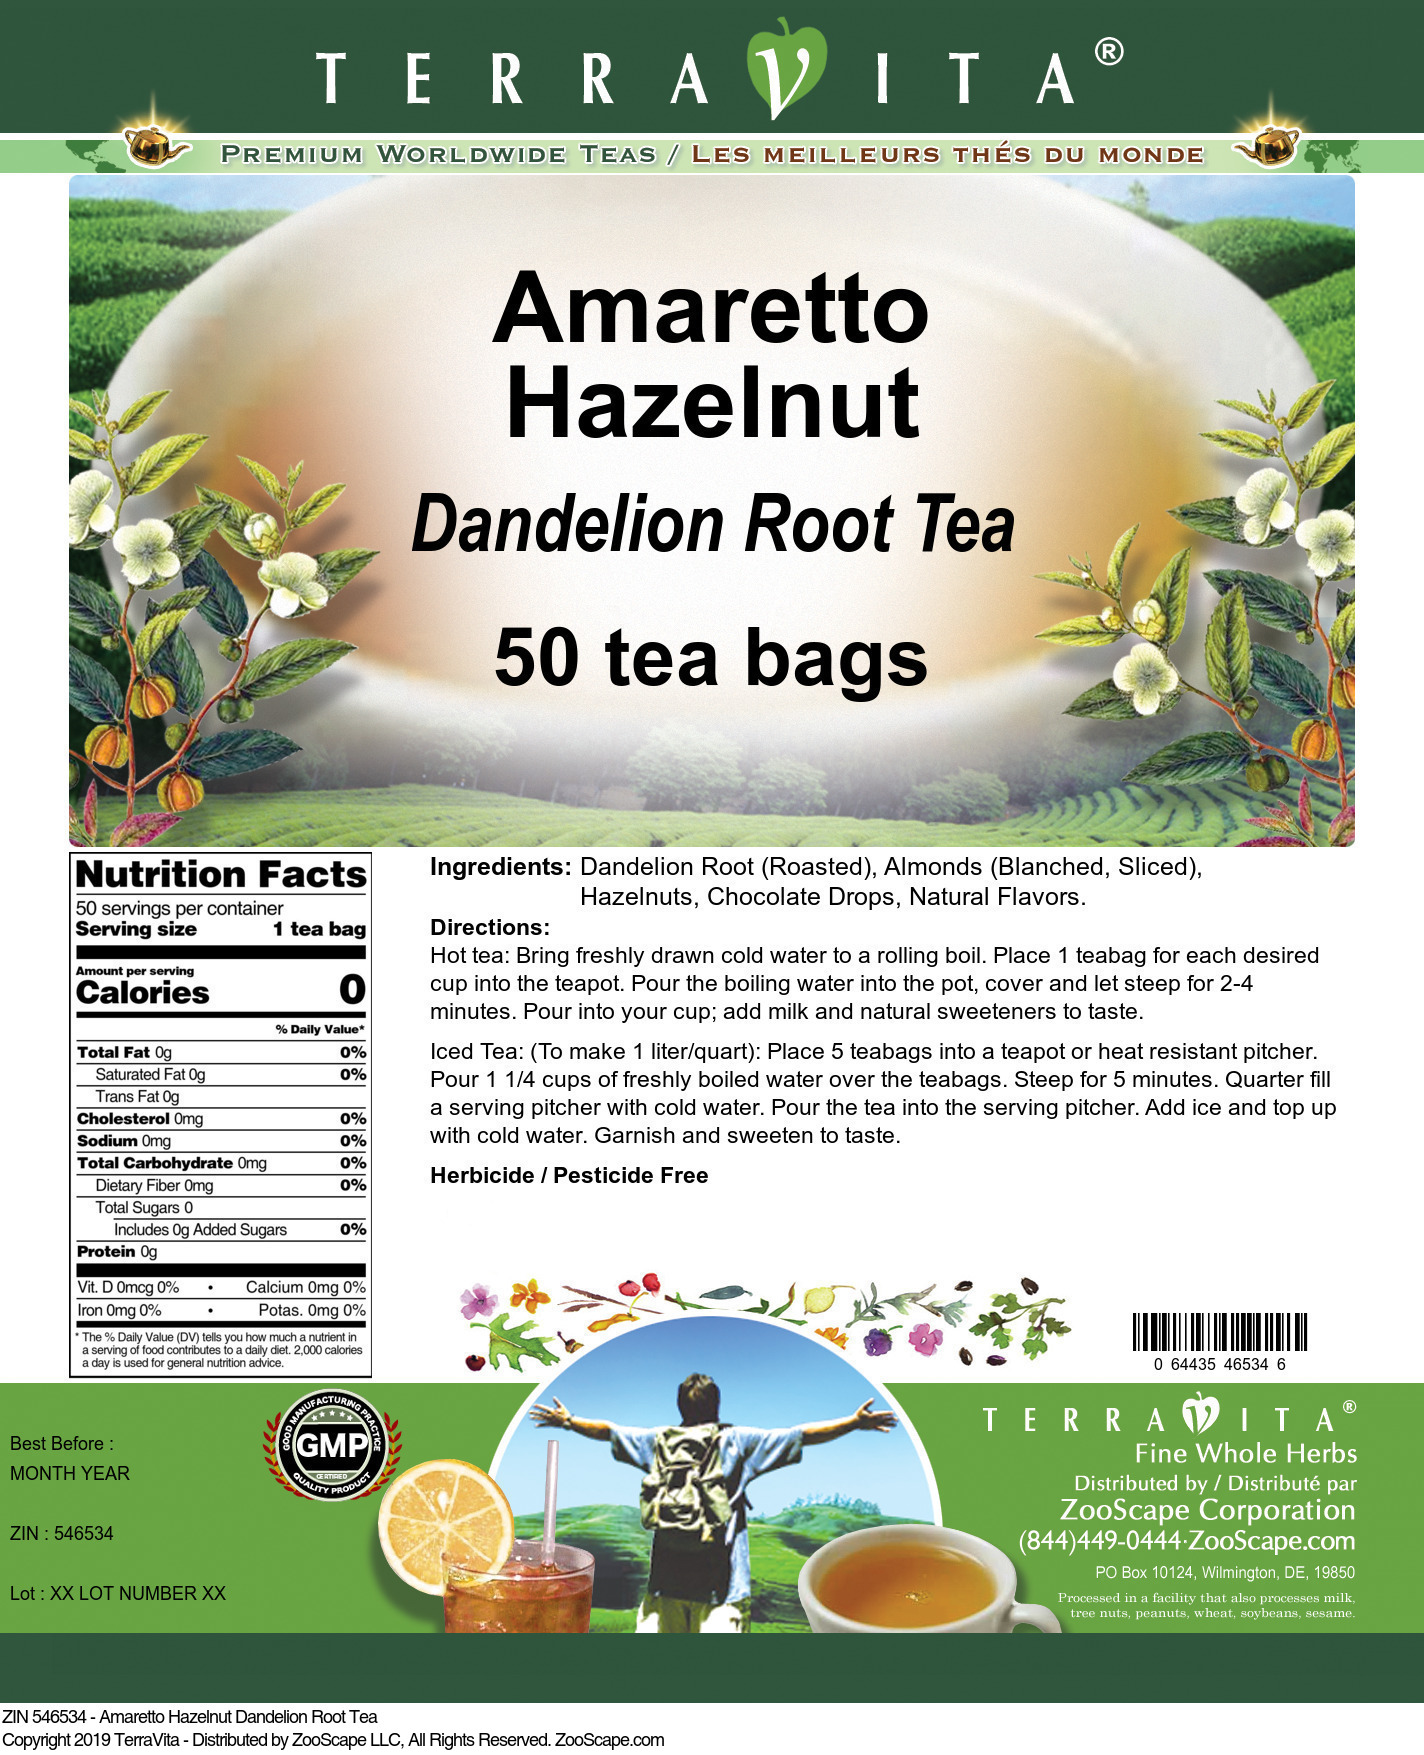 Amaretto Hazelnut Dandelion Root